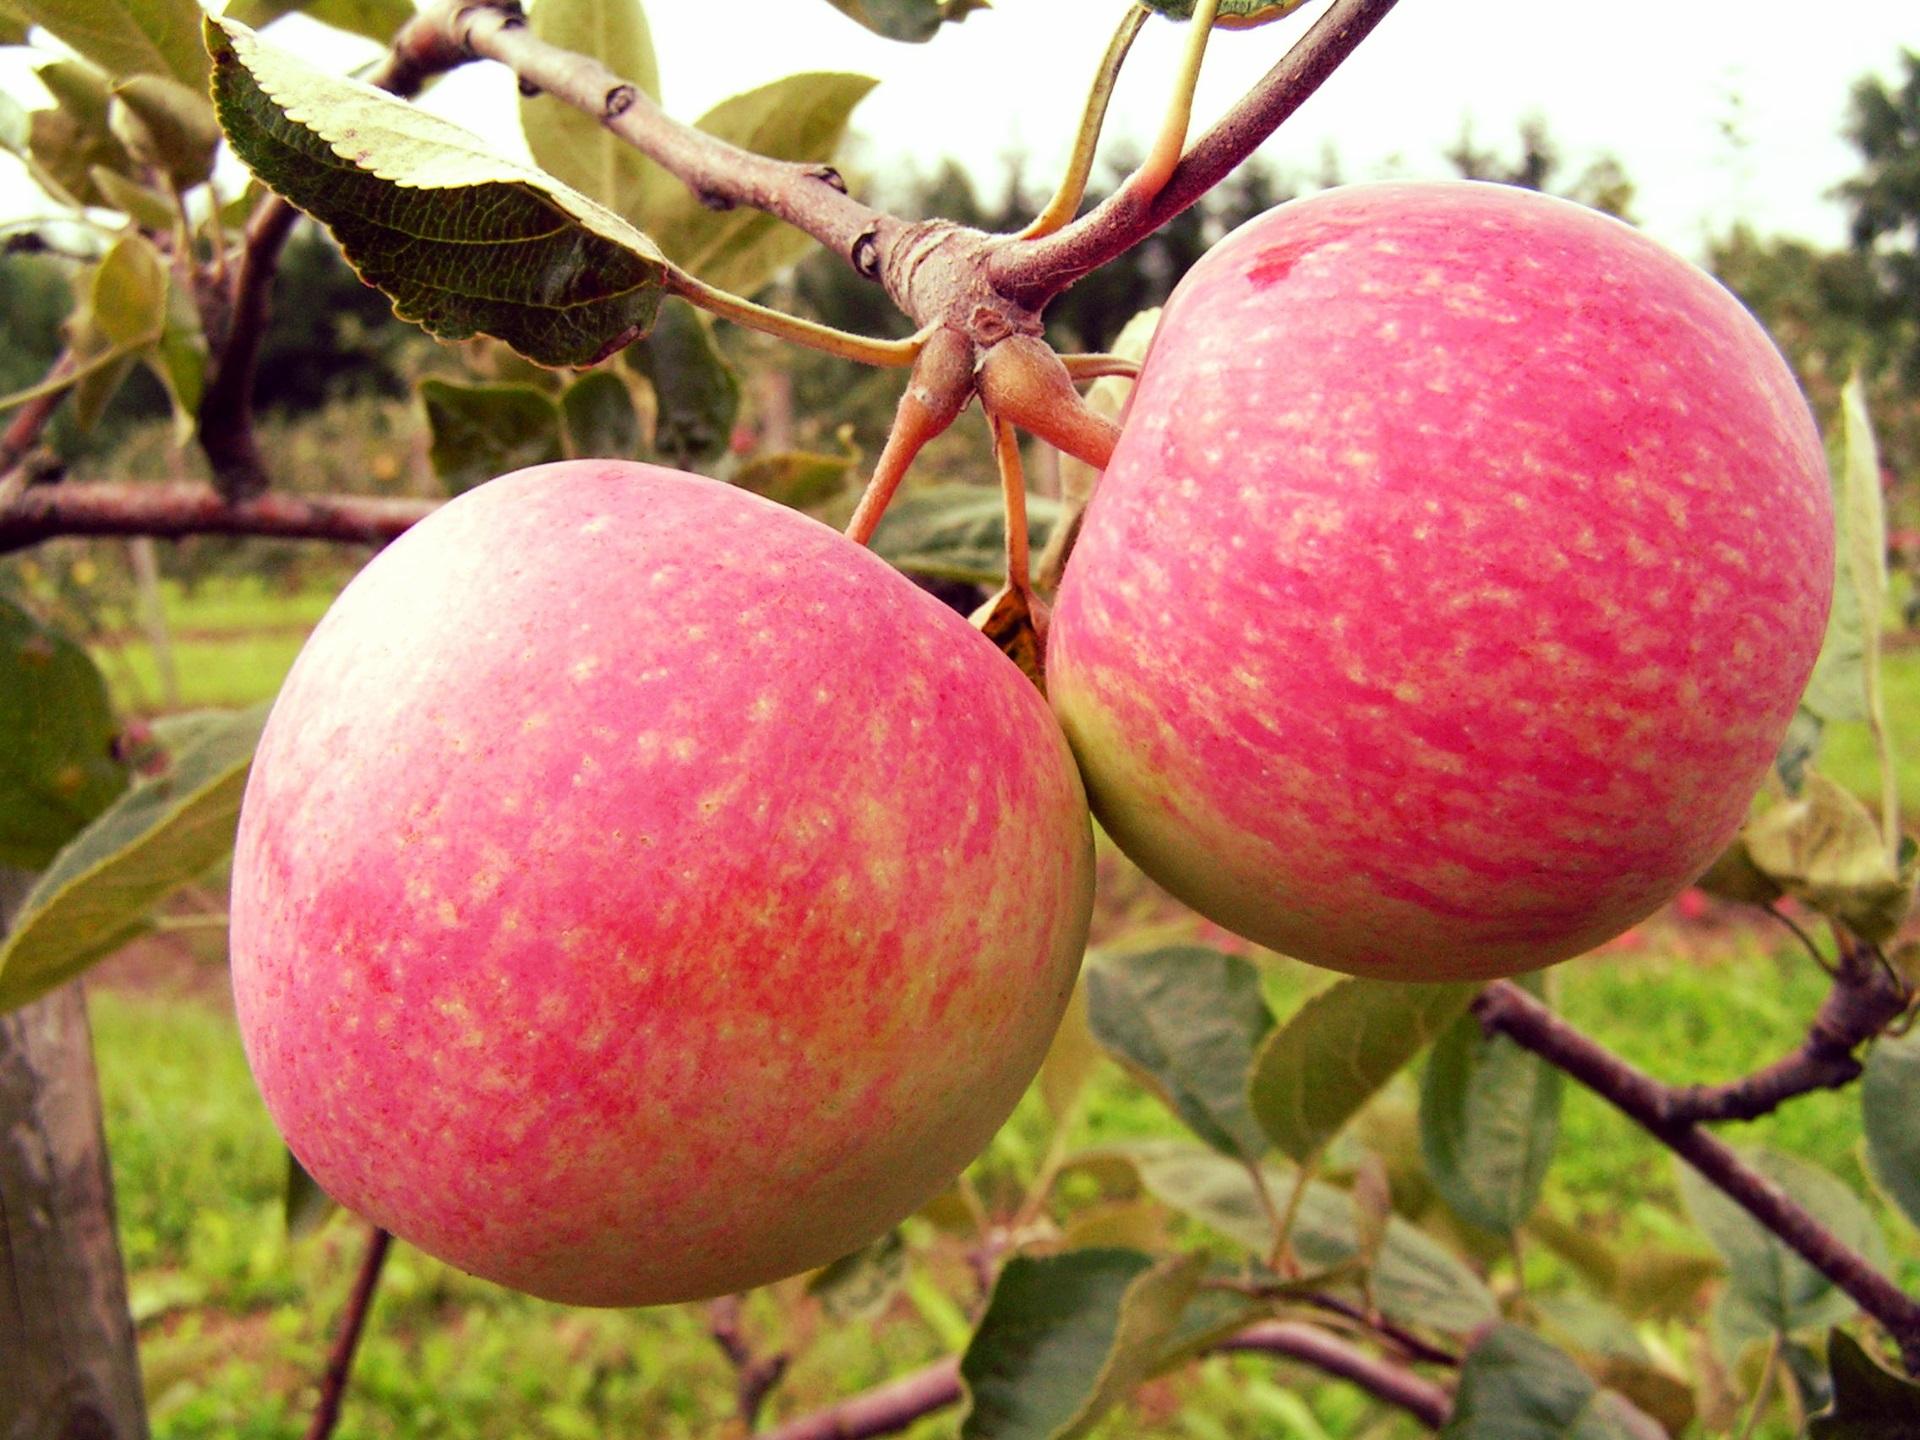 Карликовая яблоня «Приземлённое»: описание и характеристика сорта, достоинства и недостатки, особенности посадки и ухода